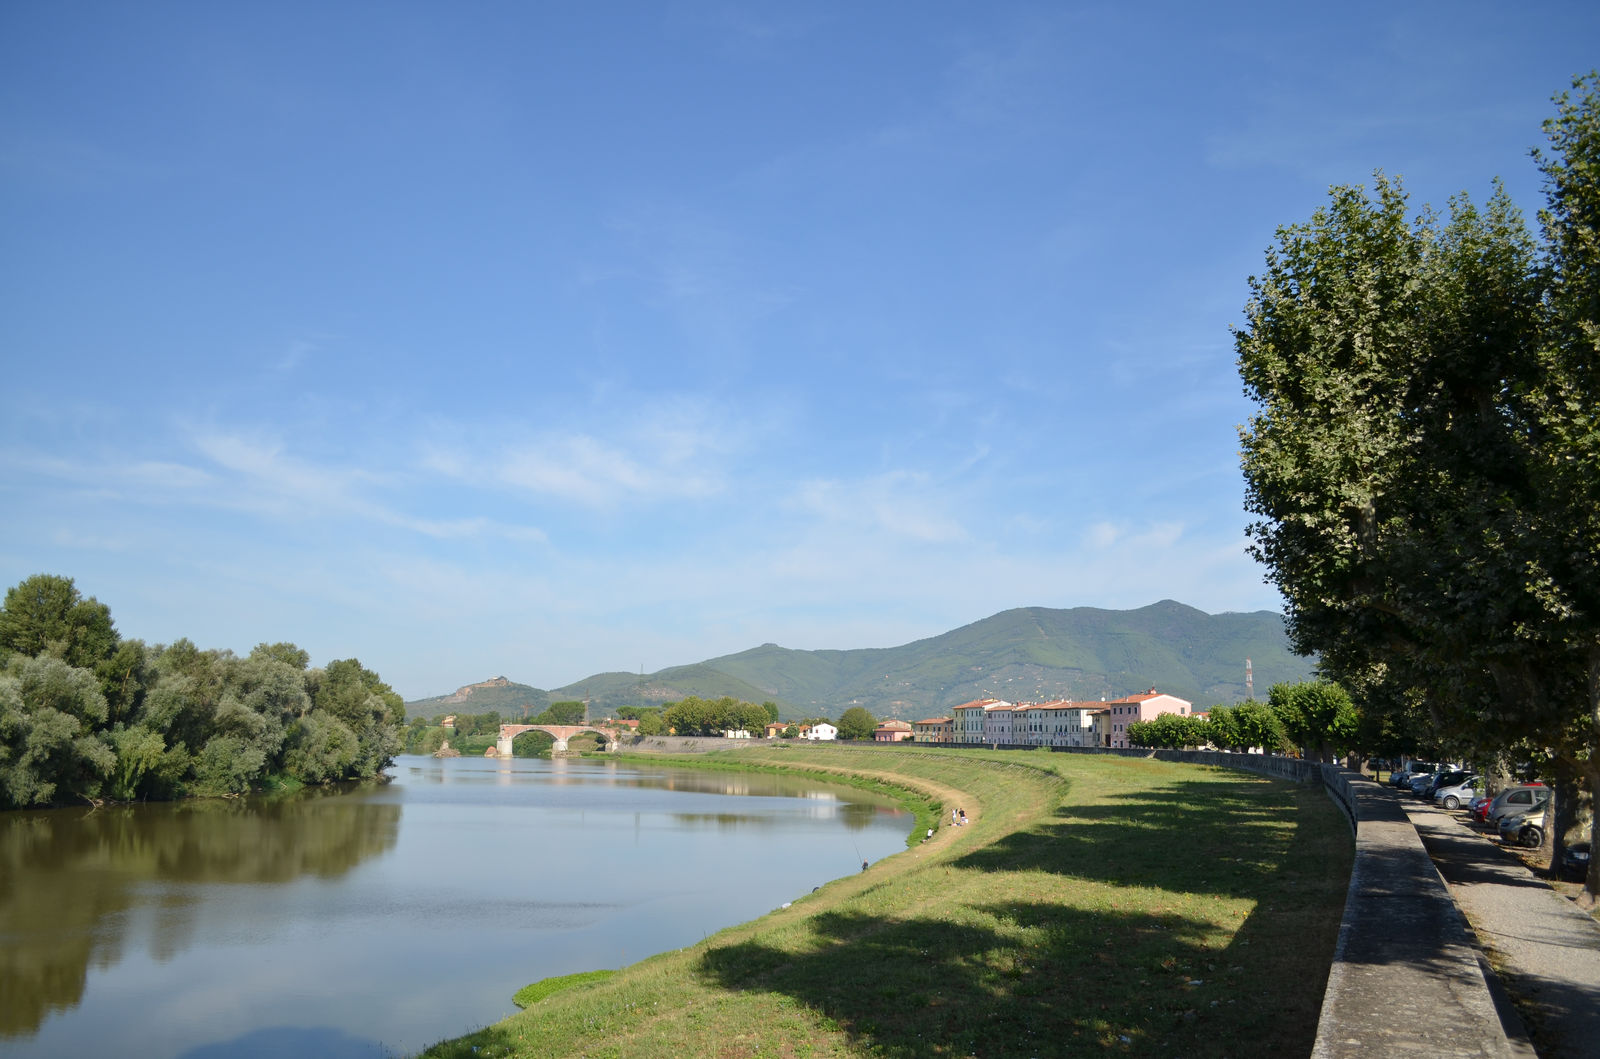 Calcinaia - Calcinaia e i suoi antichi mestieri lungo il fiume Arno - Toscana Ovunque Bella